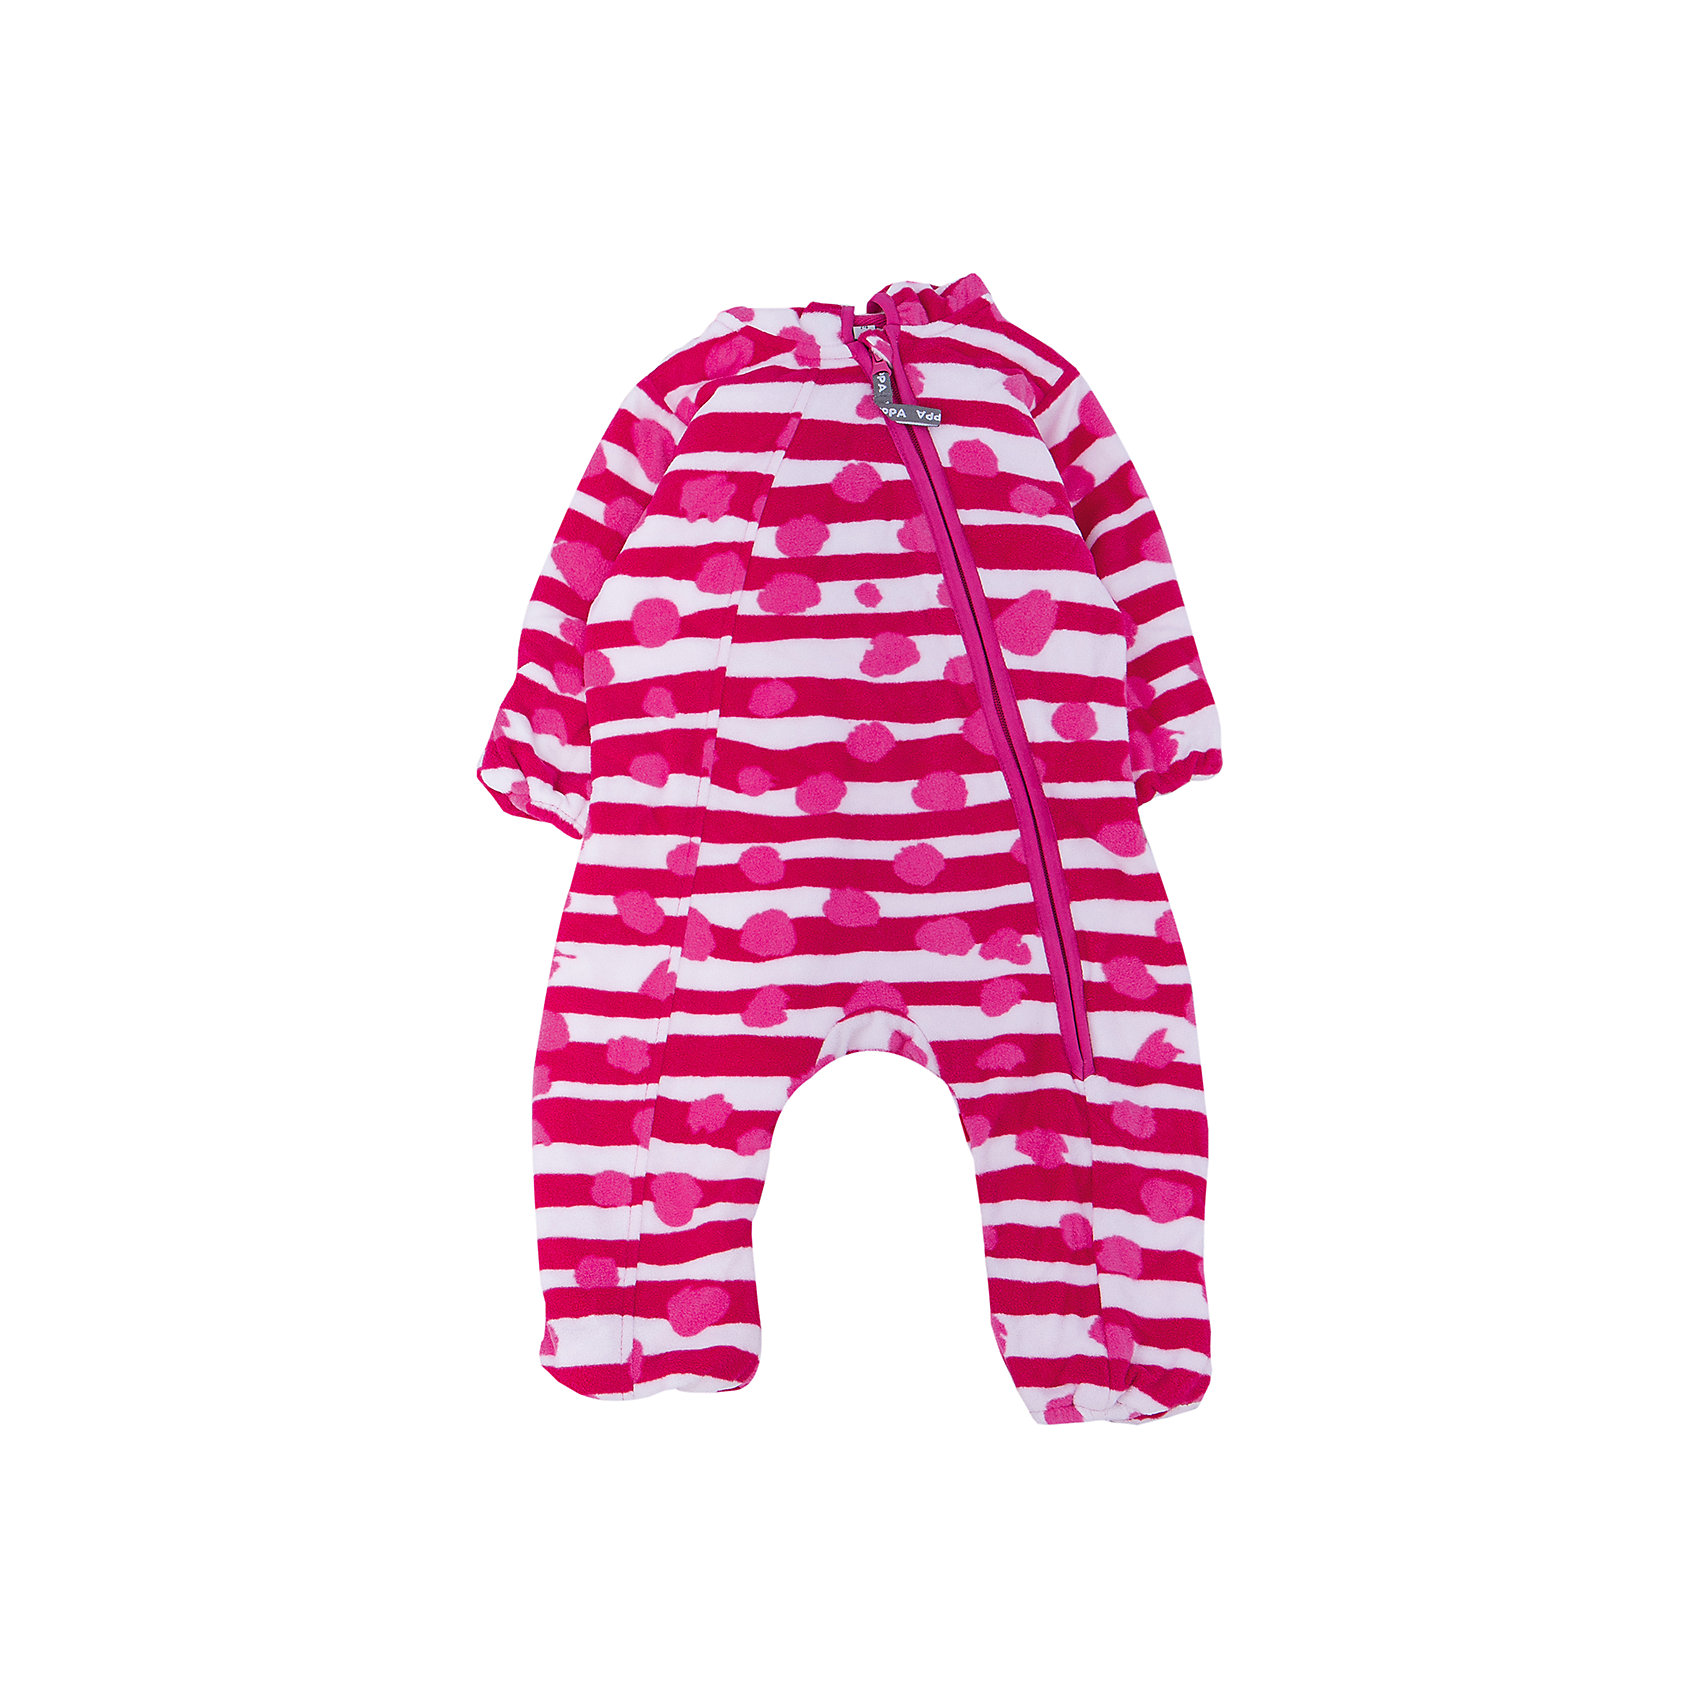 Комбинезон флисовый Dandy для девочки HuppaКомбинезоны<br>Характеристики товара:<br><br>• цвет: розовый<br>• состав: 100% полиэстер (флис)<br>• молния<br>• эластичные манжеты<br>• воротник-стойка<br>• низ штанин эластичный<br>• капюшон<br>• комфортная посадка<br>• мягкий материал<br>• страна бренда: Эстония<br><br>Такой комбинезон обеспечит малышам тепло и комфорт. Он сделан из приятного на ощупь материала с мягким ворсом, поэтому изделие не колется и не натирает. Для удобства одевания сделана длинная молния. Комбинезон очень симпатично смотрится, яркая расцветка и крой добавляют ему оригинальности. Модель была разработана специально для малышей.<br><br>Одежда и обувь от популярного эстонского бренда Huppa - отличный вариант одеть ребенка можно и комфортно. Вещи, выпускаемые компанией, качественные, продуманные и очень удобные. Для производства изделий используются только безопасные для детей материалы. Продукция от Huppa порадует и детей, и их родителей!<br><br>Комбинезон для девочки от бренда Huppa (Хуппа) можно купить в нашем интернет-магазине.<br><br>Ширина мм: 356<br>Глубина мм: 10<br>Высота мм: 245<br>Вес г: 519<br>Цвет: розовый<br>Возраст от месяцев: 12<br>Возраст до месяцев: 18<br>Пол: Женский<br>Возраст: Детский<br>Размер: 86,74,62,68,80<br>SKU: 4928592